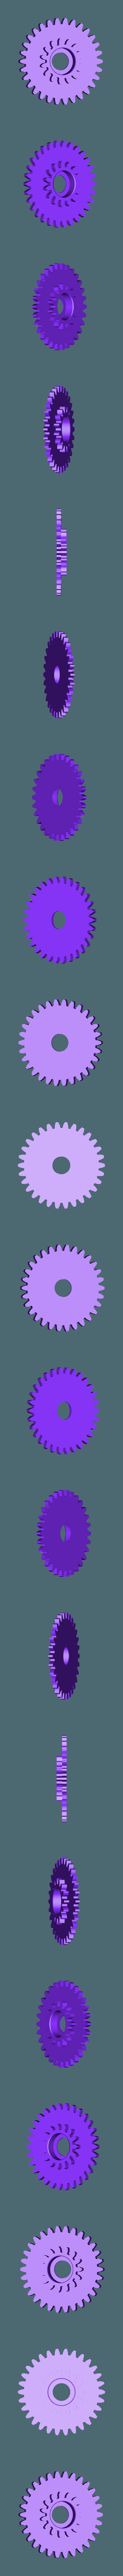 Double spur gear - Doppelstirnrad.stl Télécharger fichier STL gratuit Rapport d'engrenage 1:2 / Zahnradsatz 1:2 Übersetzung • Plan imprimable en 3D, CONSTRUCTeR